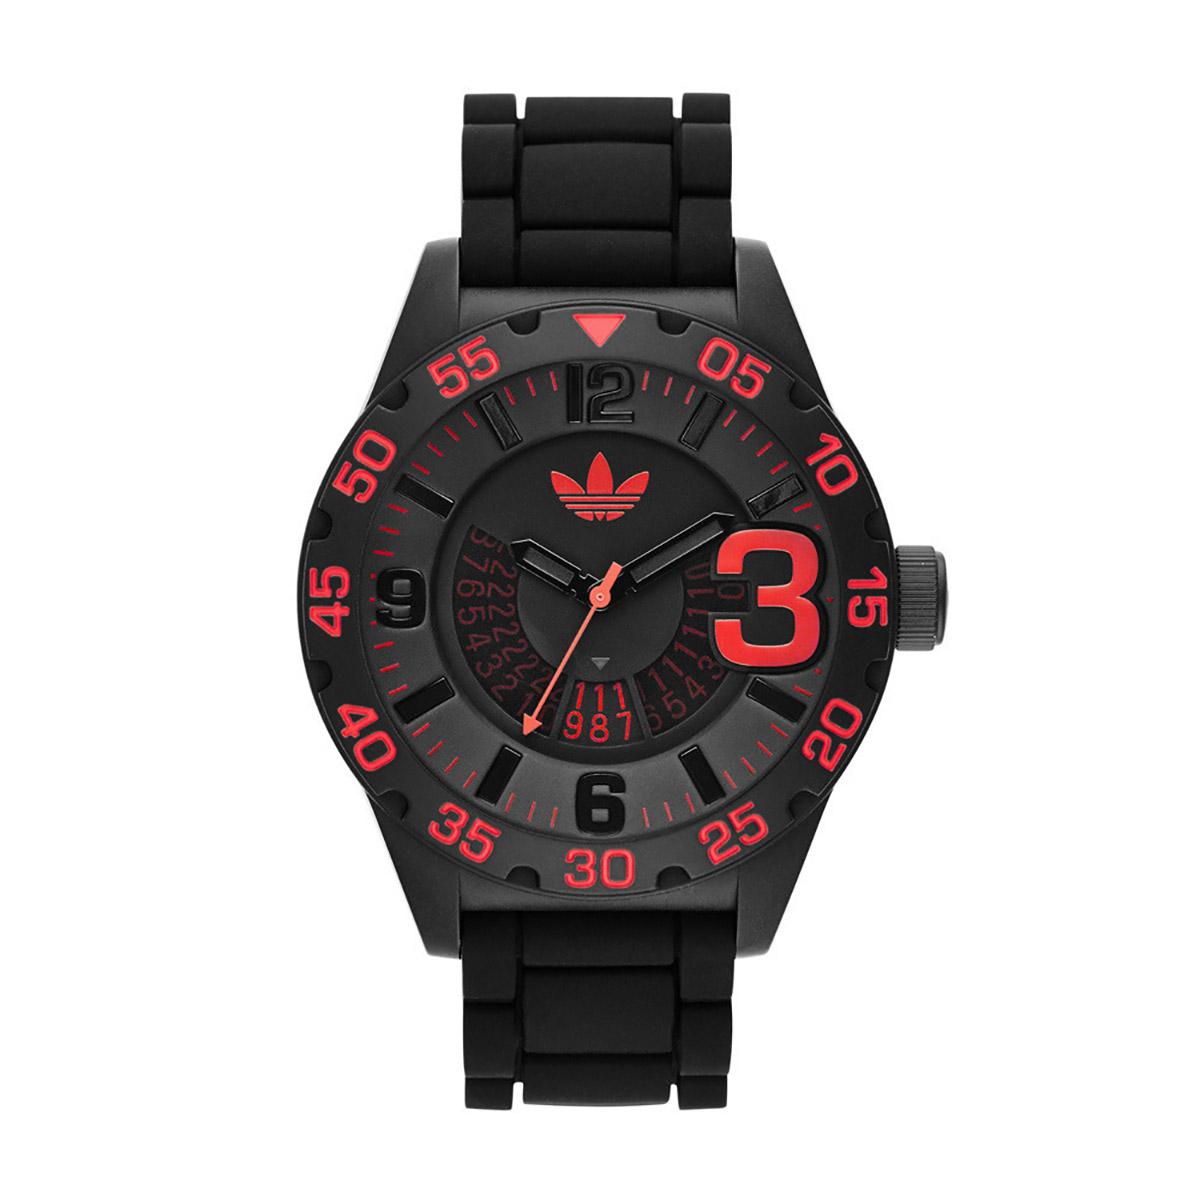 นาฬิกาผู้ชาย Adidas รุ่น ADH2965